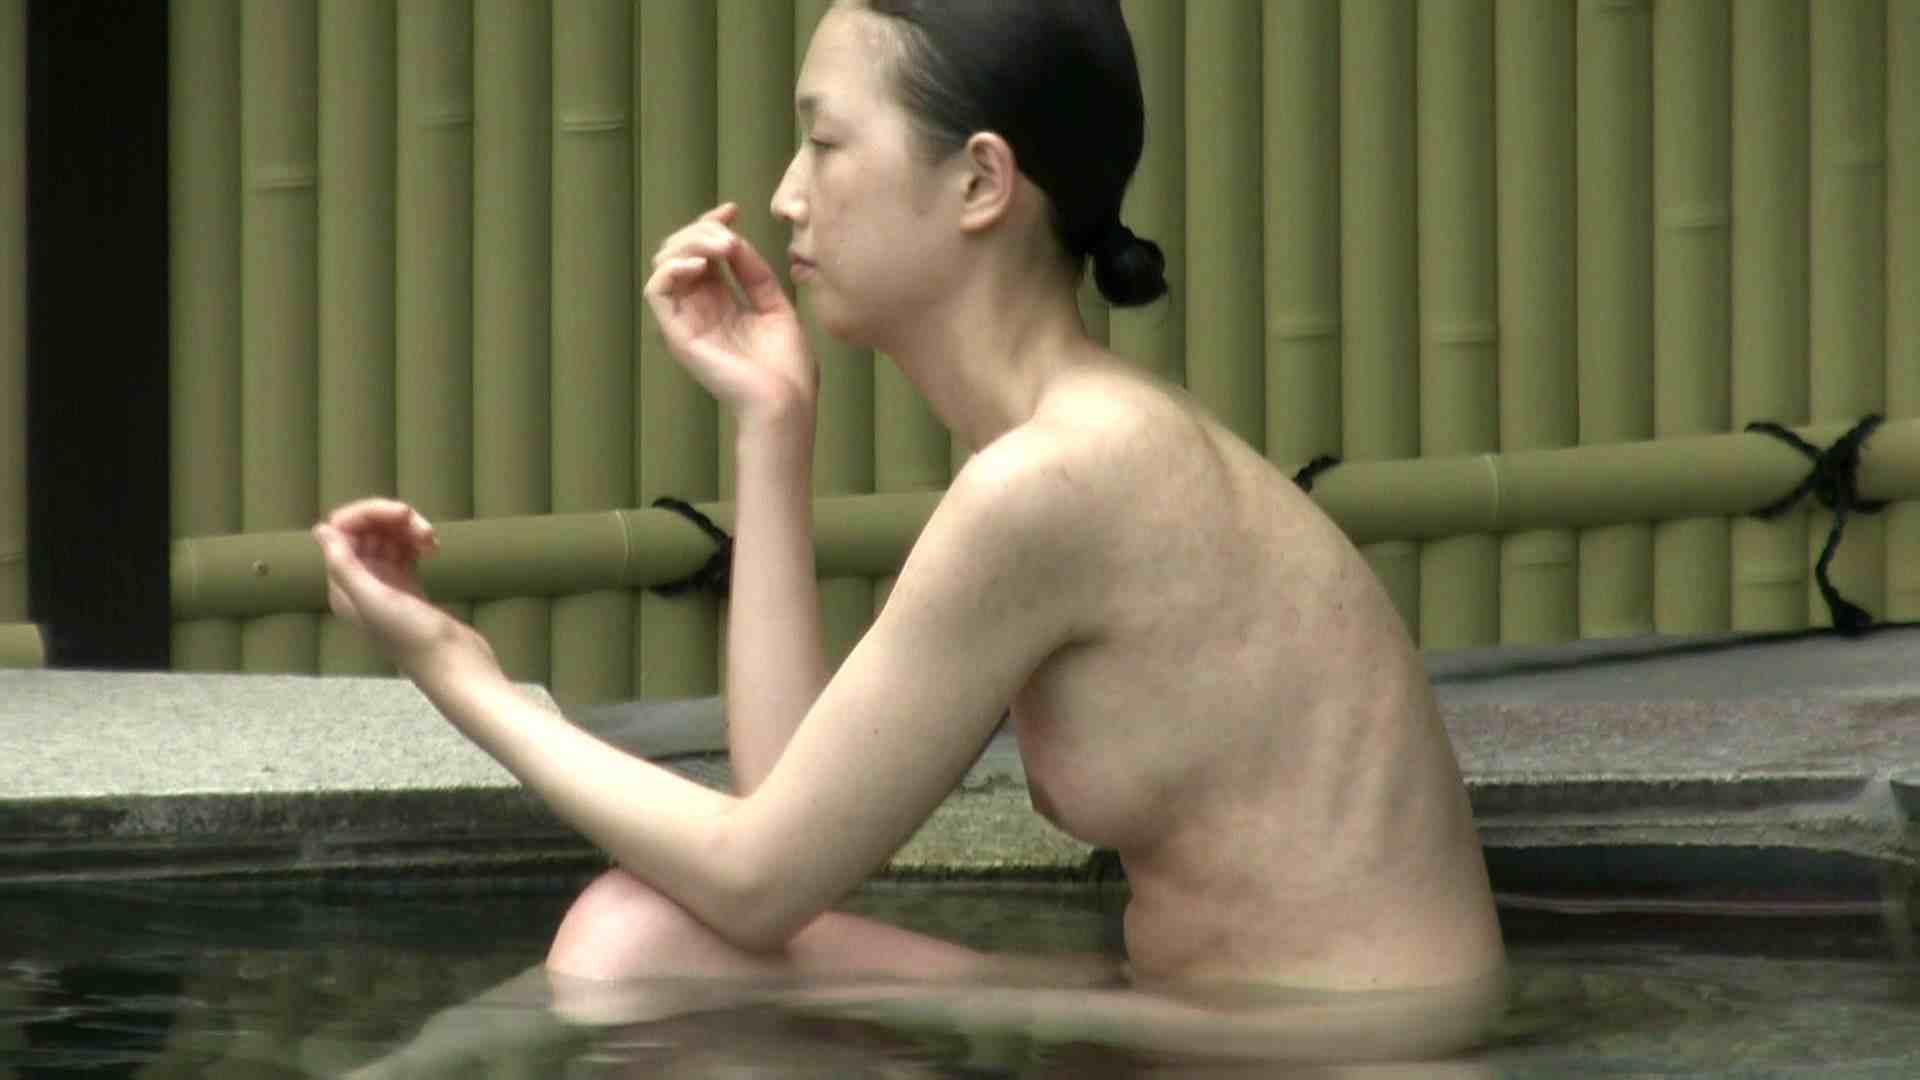 Aquaな露天風呂Vol.661 盗撮 性交動画流出 105画像 83